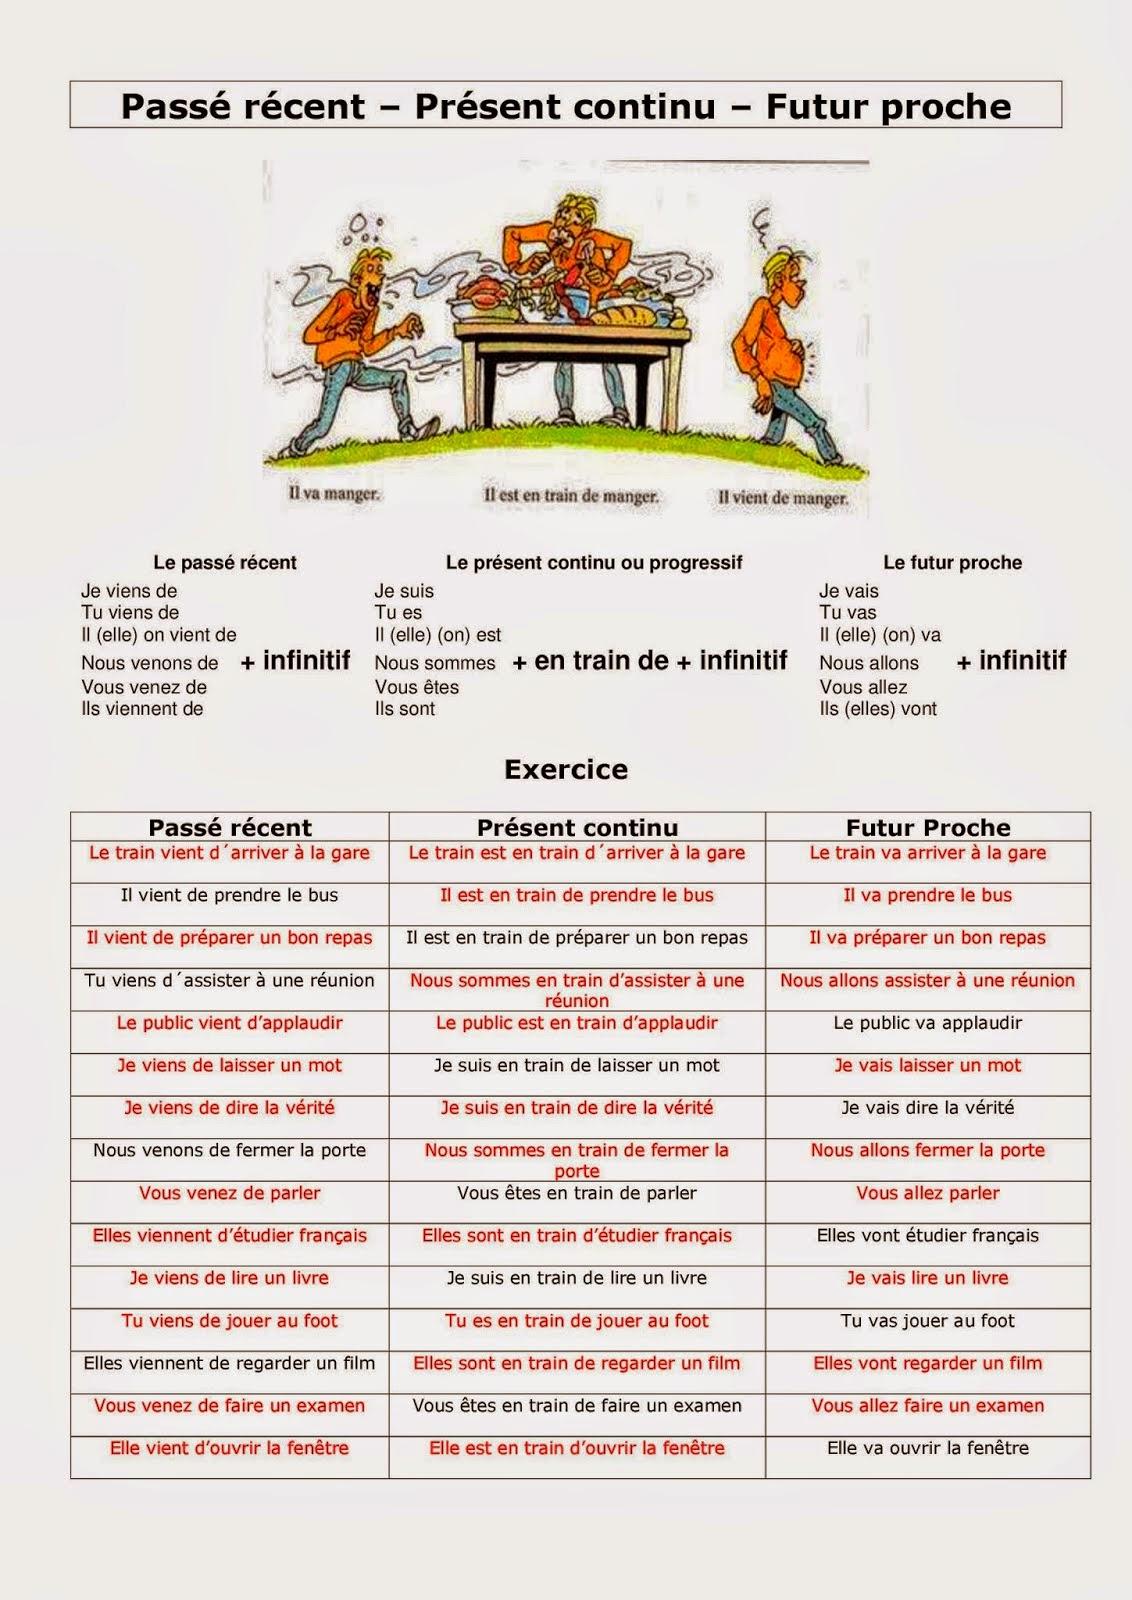 Exercices sur les verbes et les temps verbaux déjà étudiés